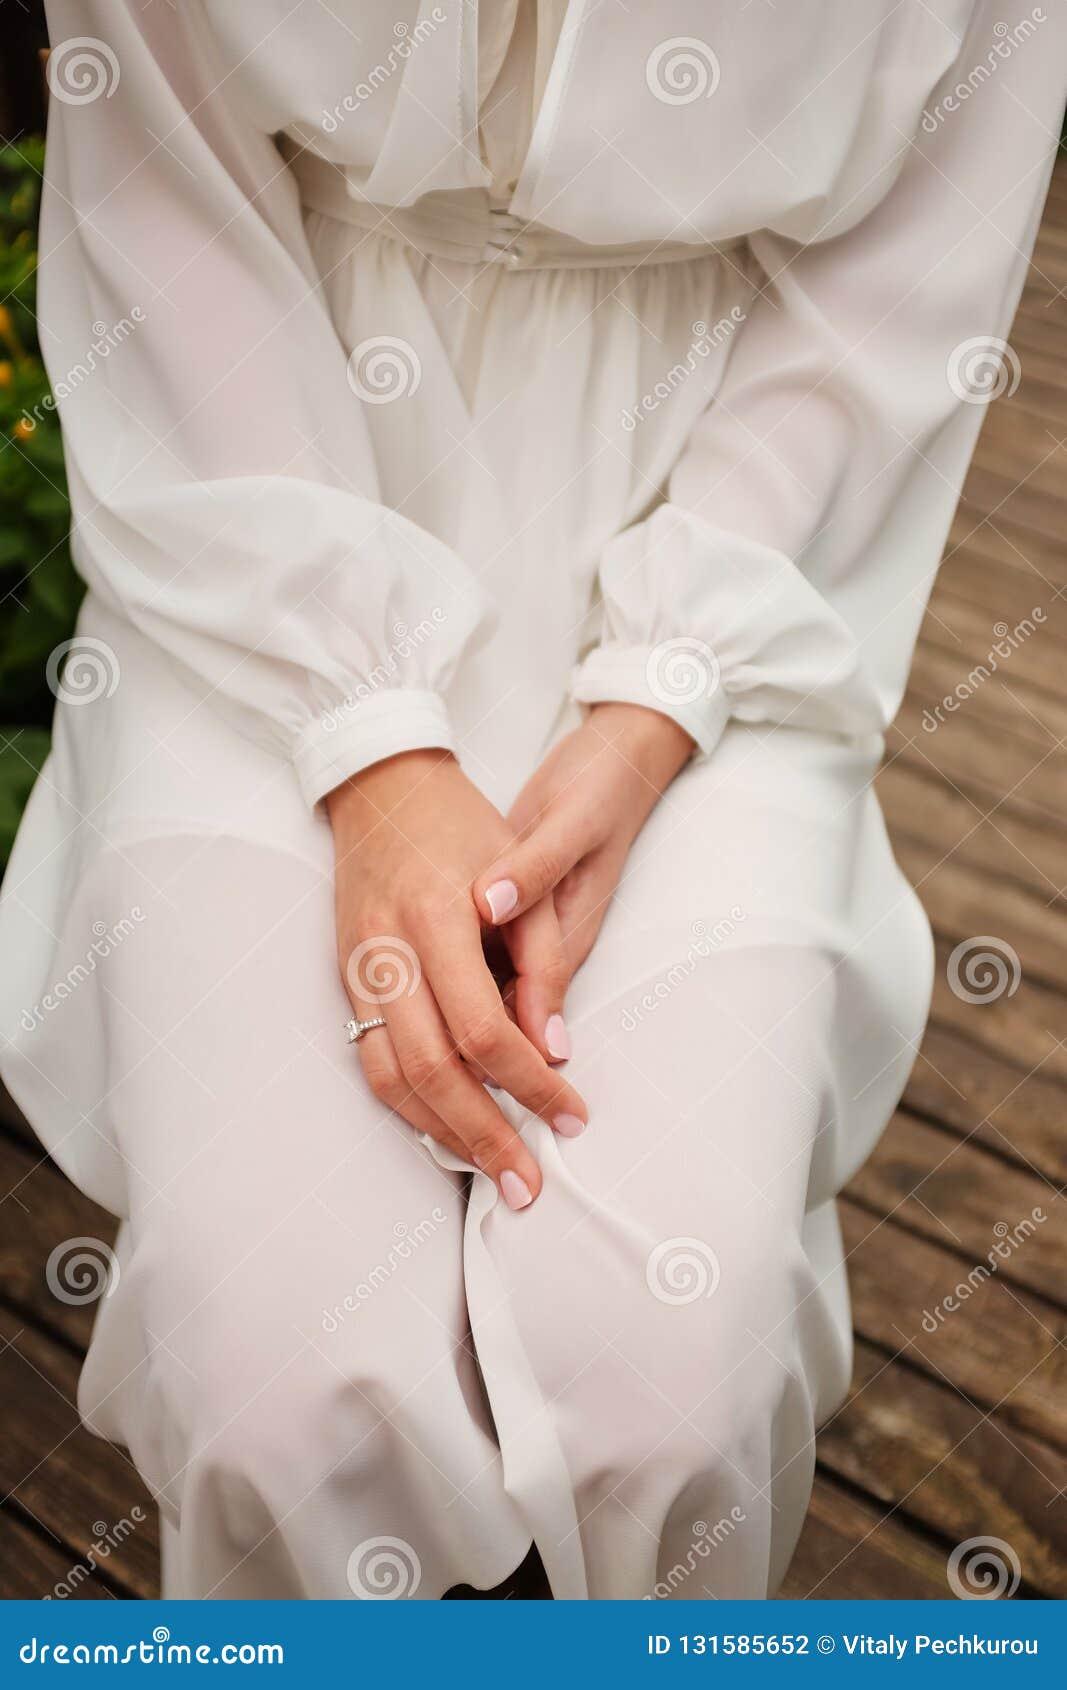 Begreppsmässigt bröllop, morgonen av bruden i den europeiska stilen Budoarklänning och en bukett av blommor, avgifter i inre